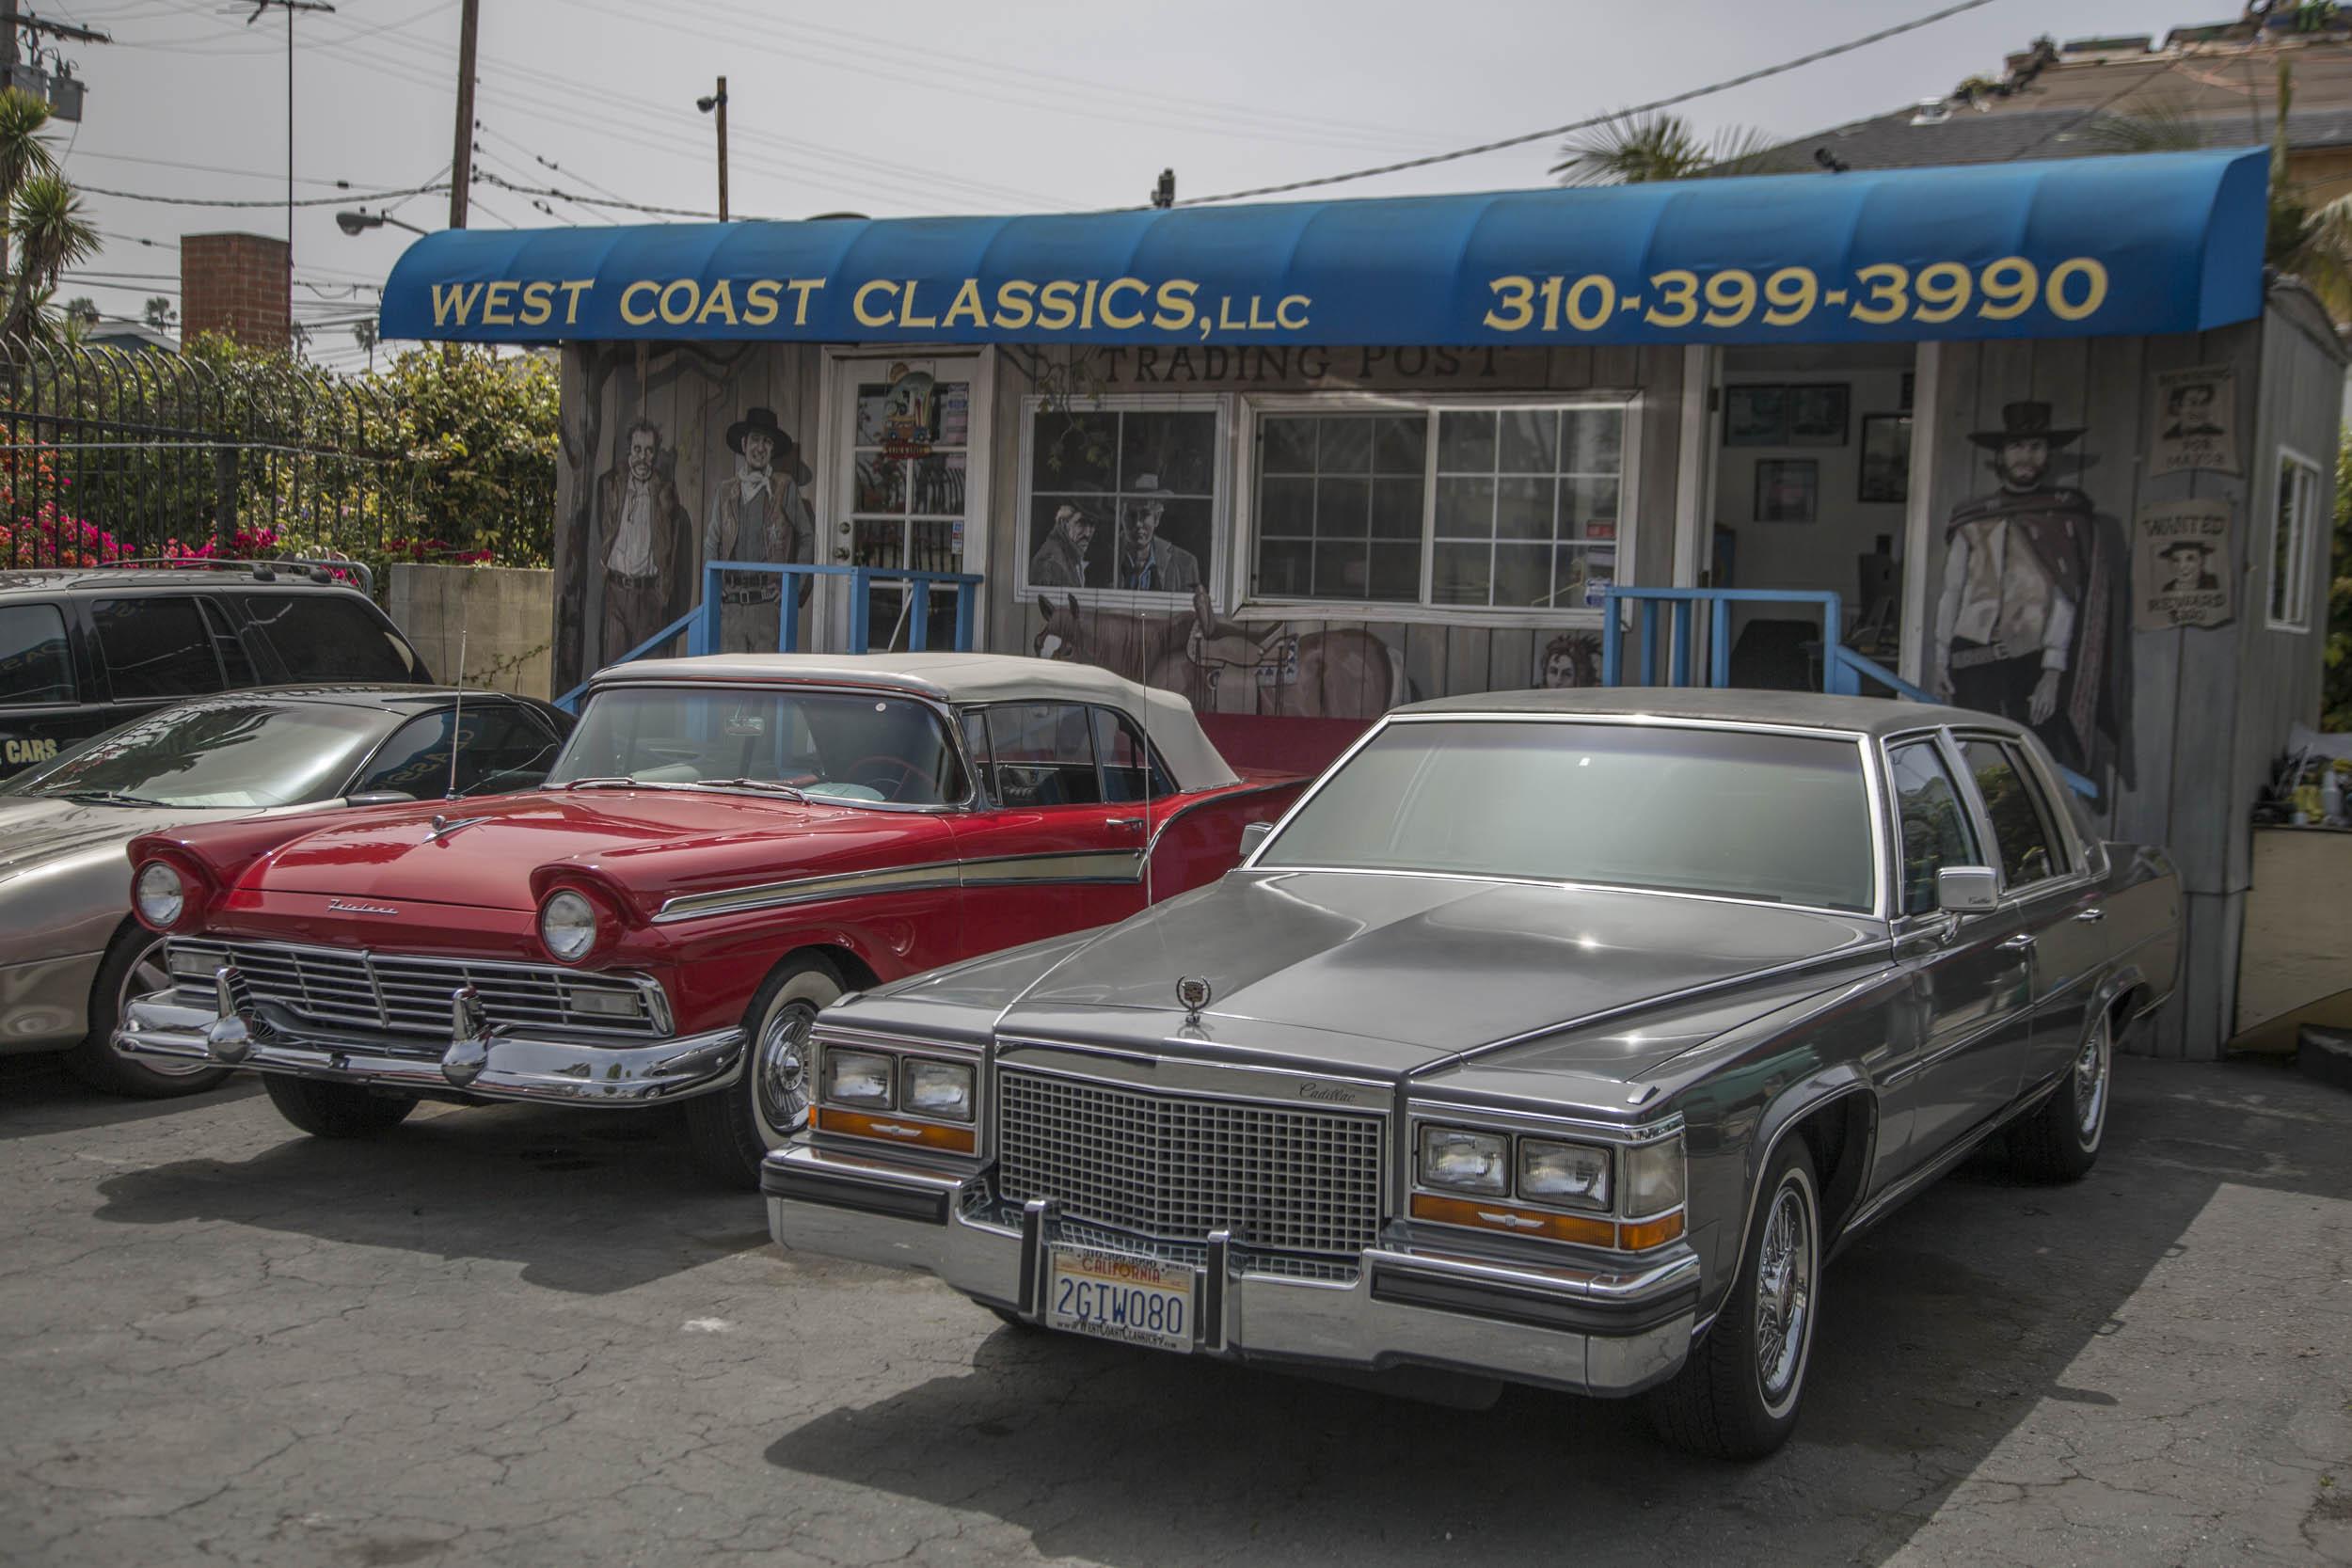 L.A.s West Coast Classics